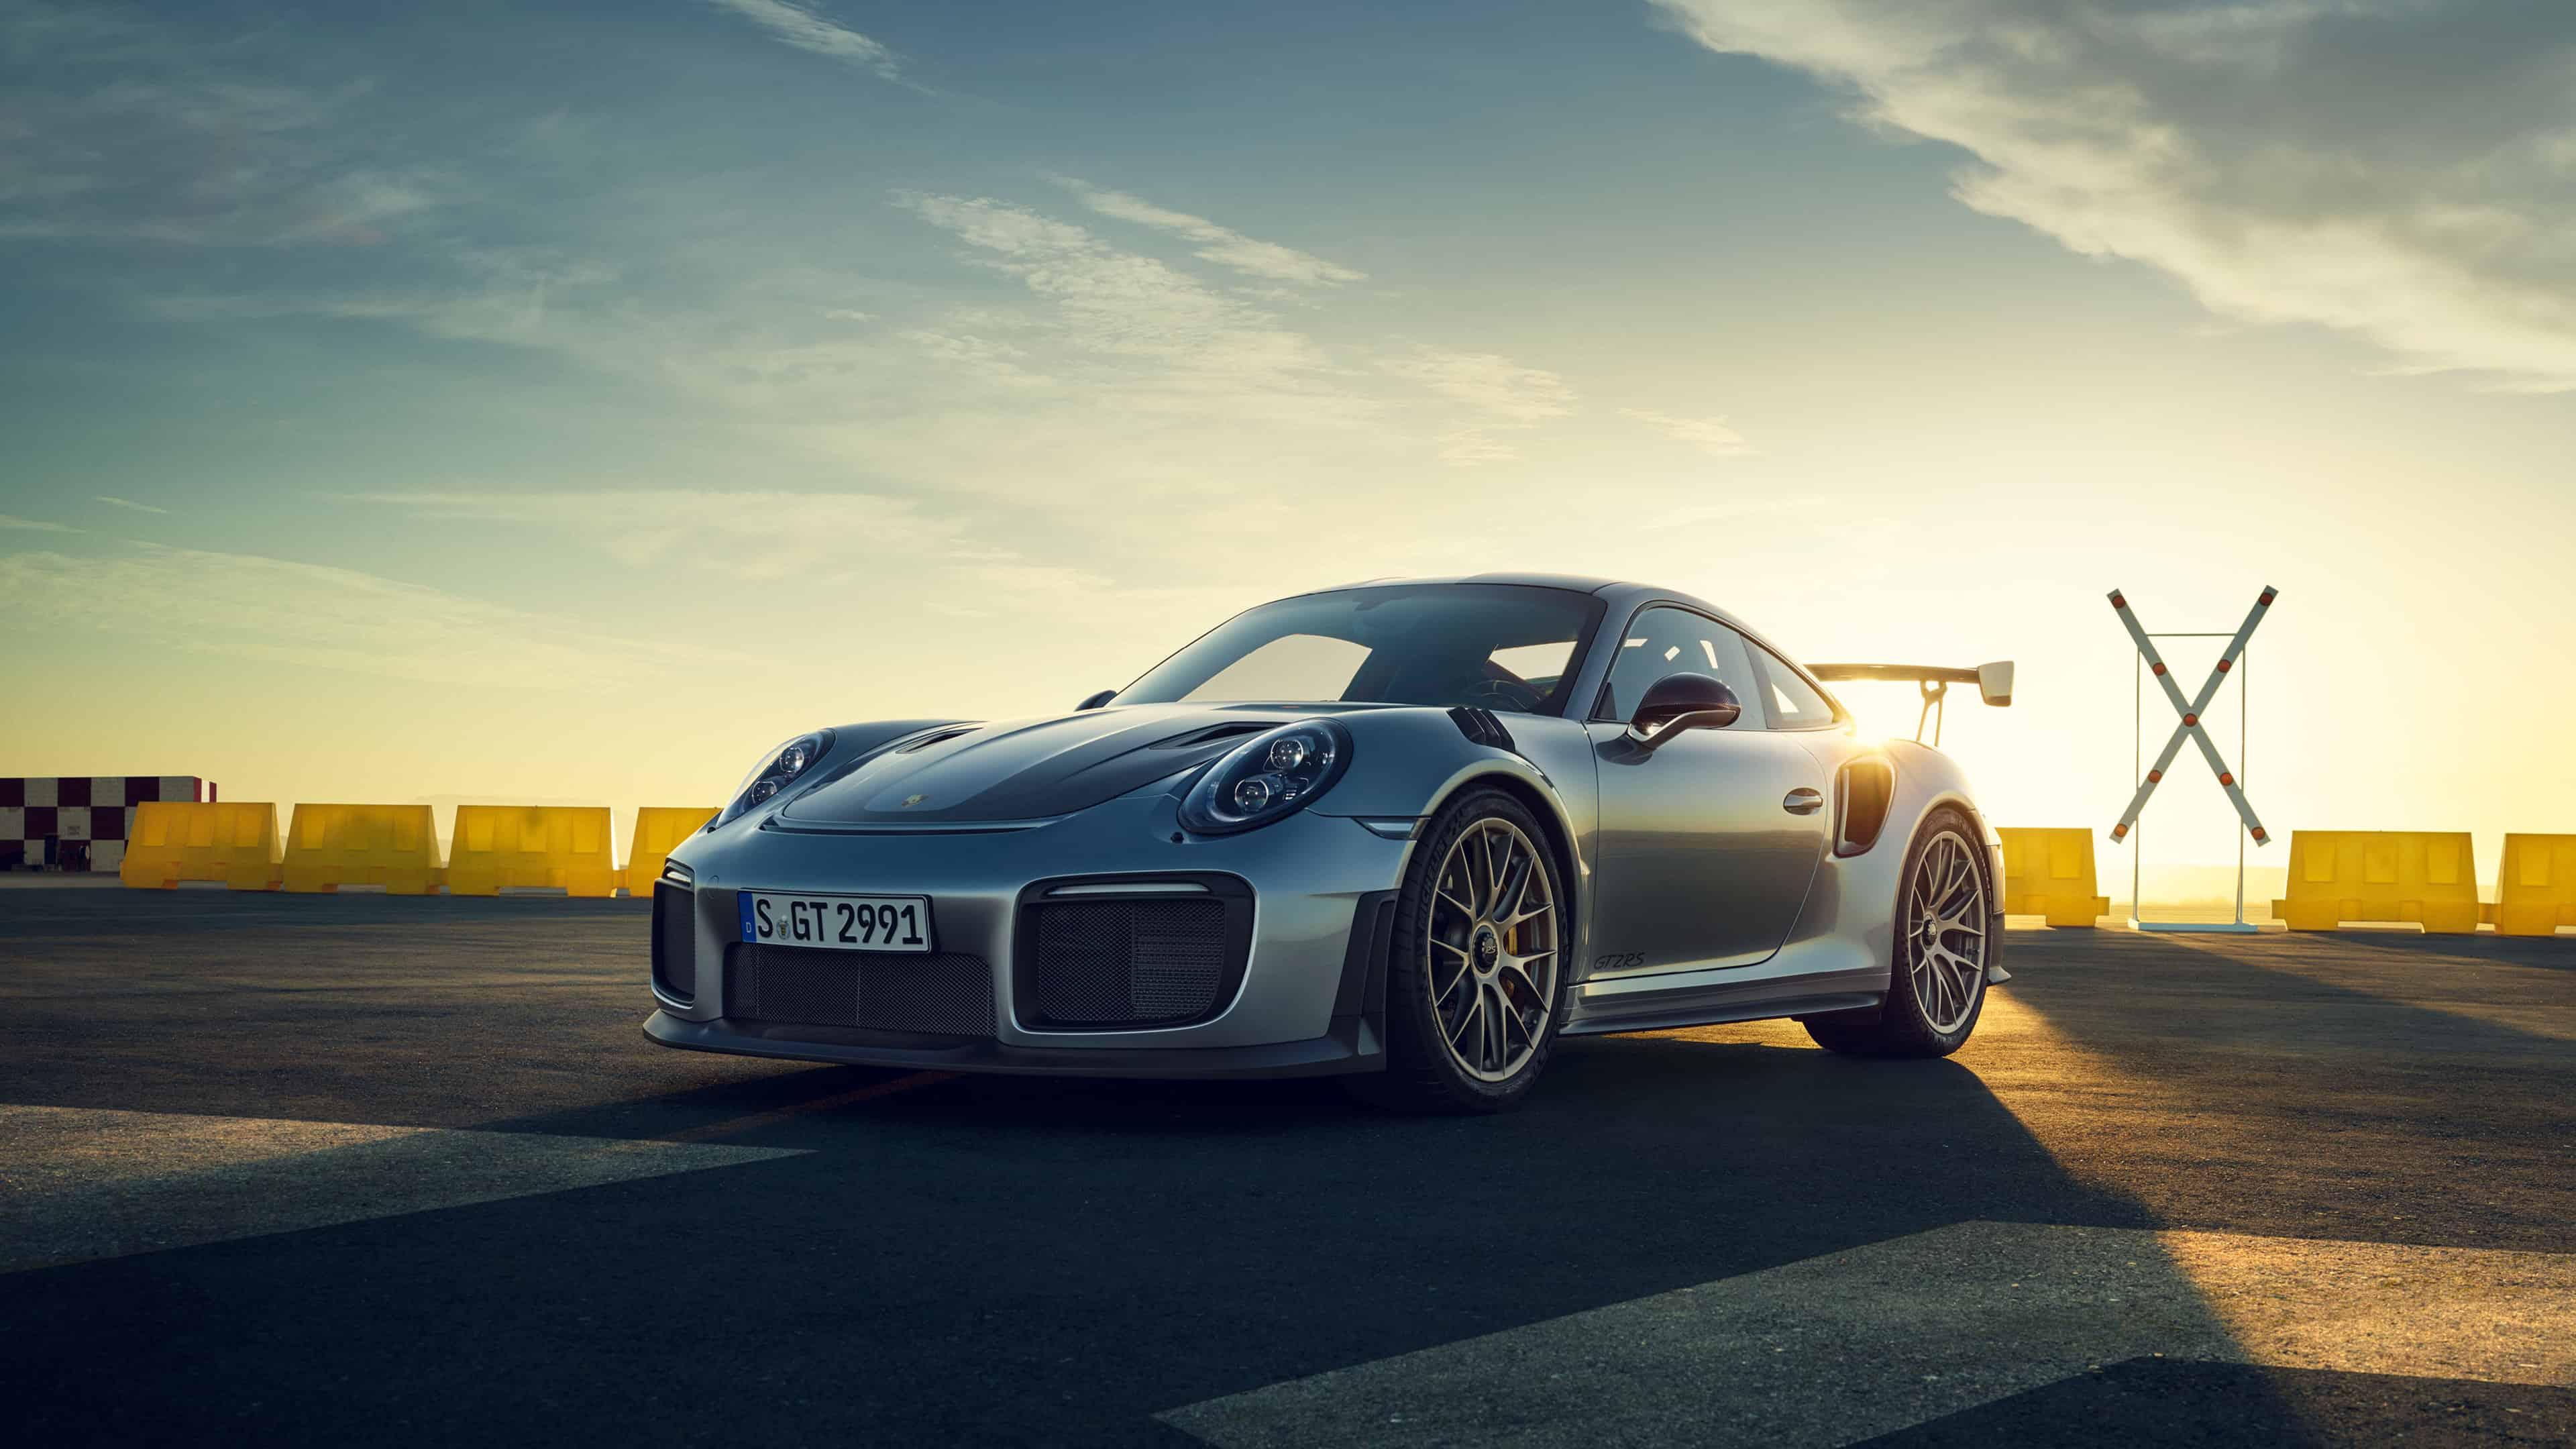 Porsche 911 GT2 RS UHD 4K Wallpaper Pixelz 3840x2160